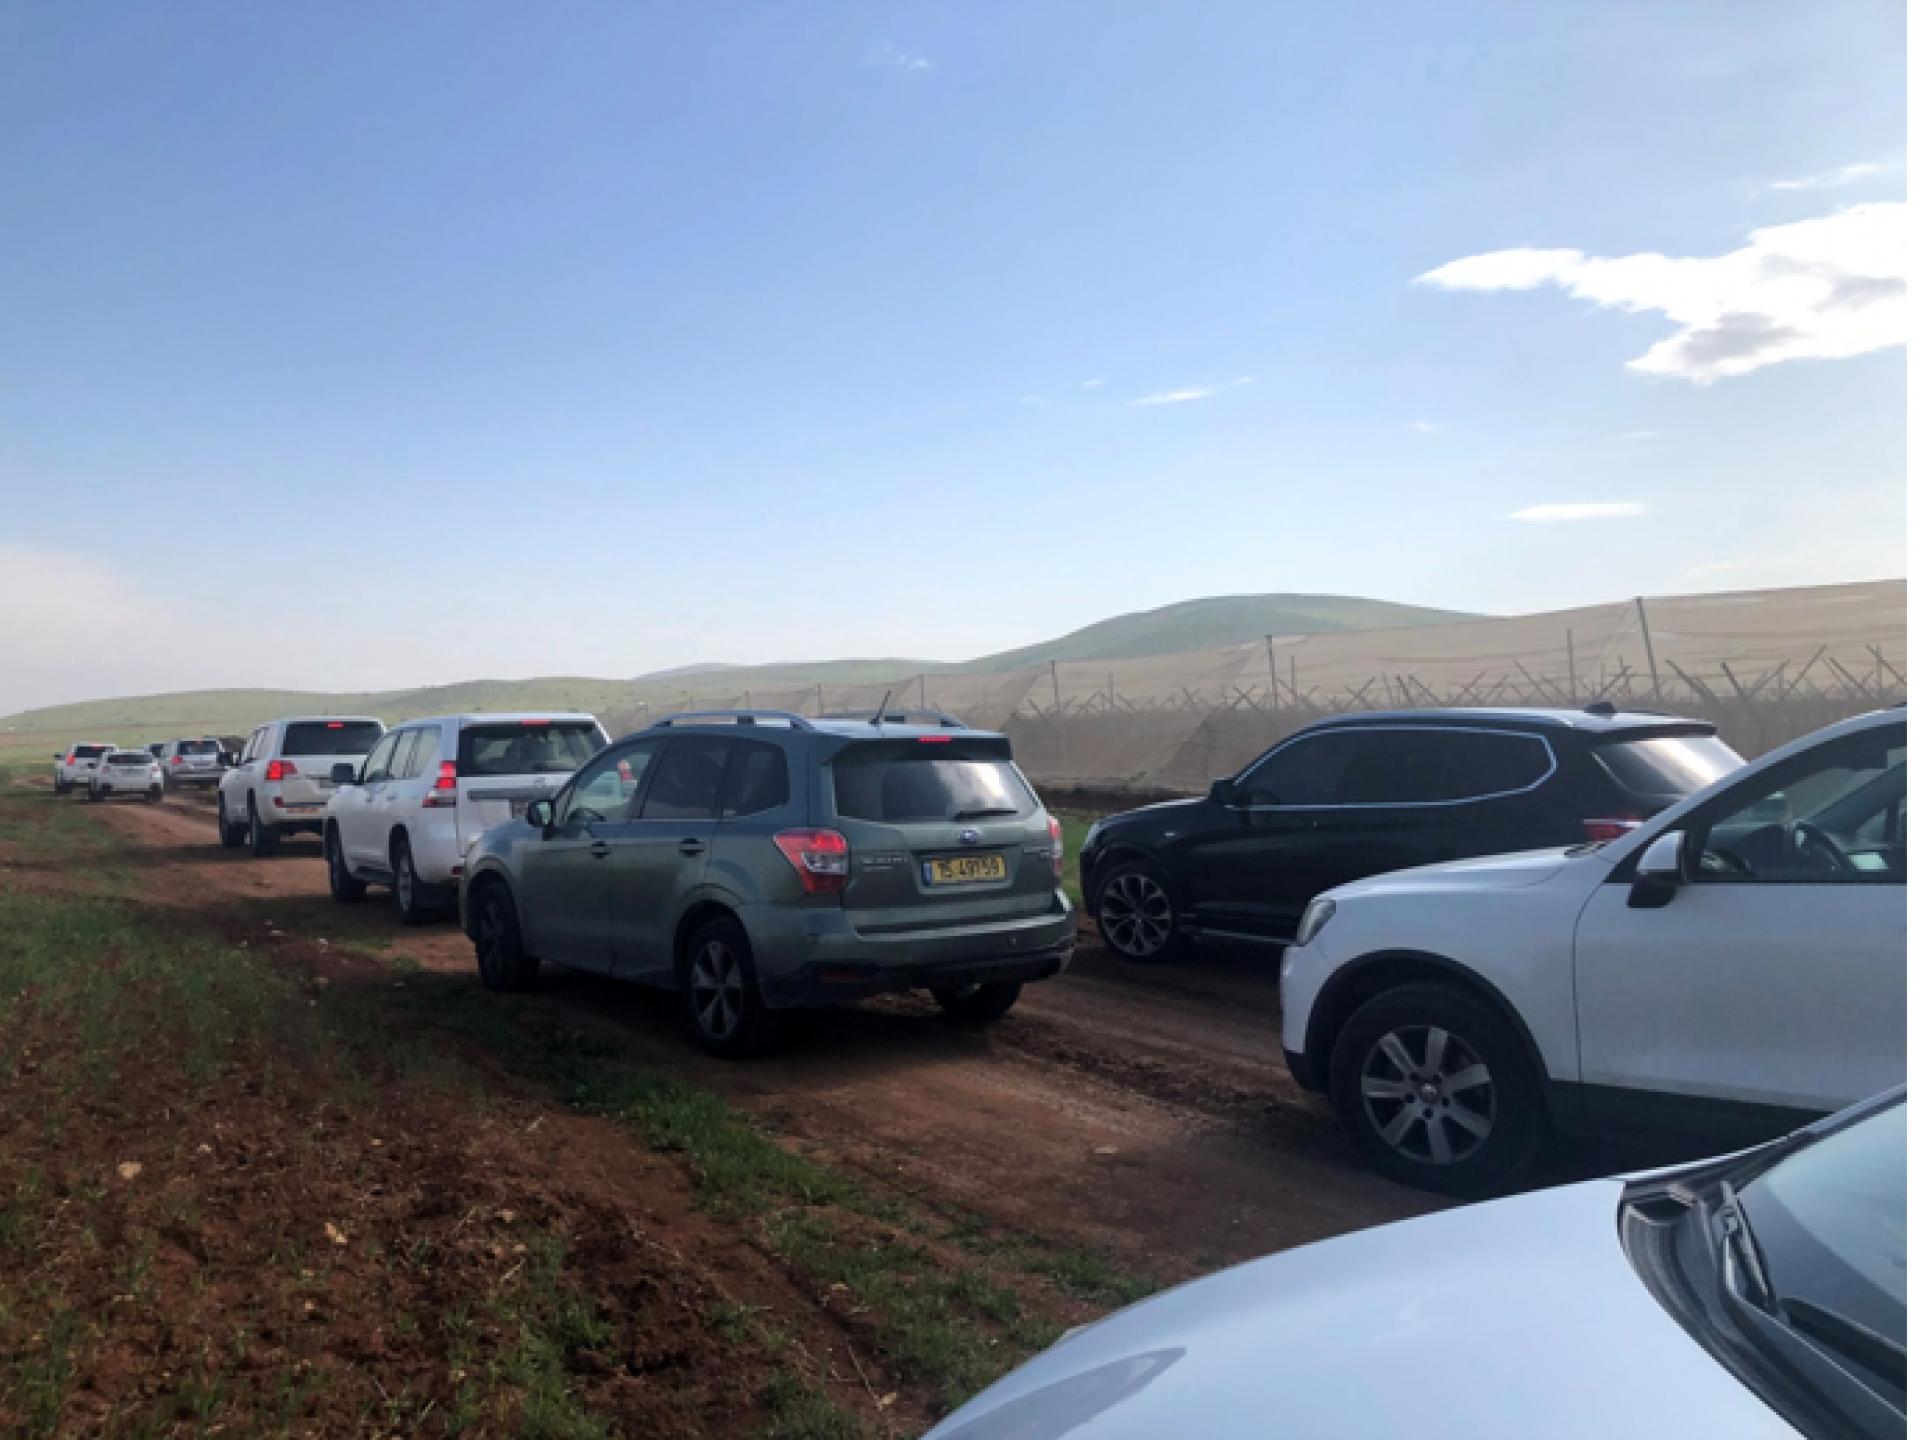 שיירה של מכוניות בדרך עפר בבקעת הירדן